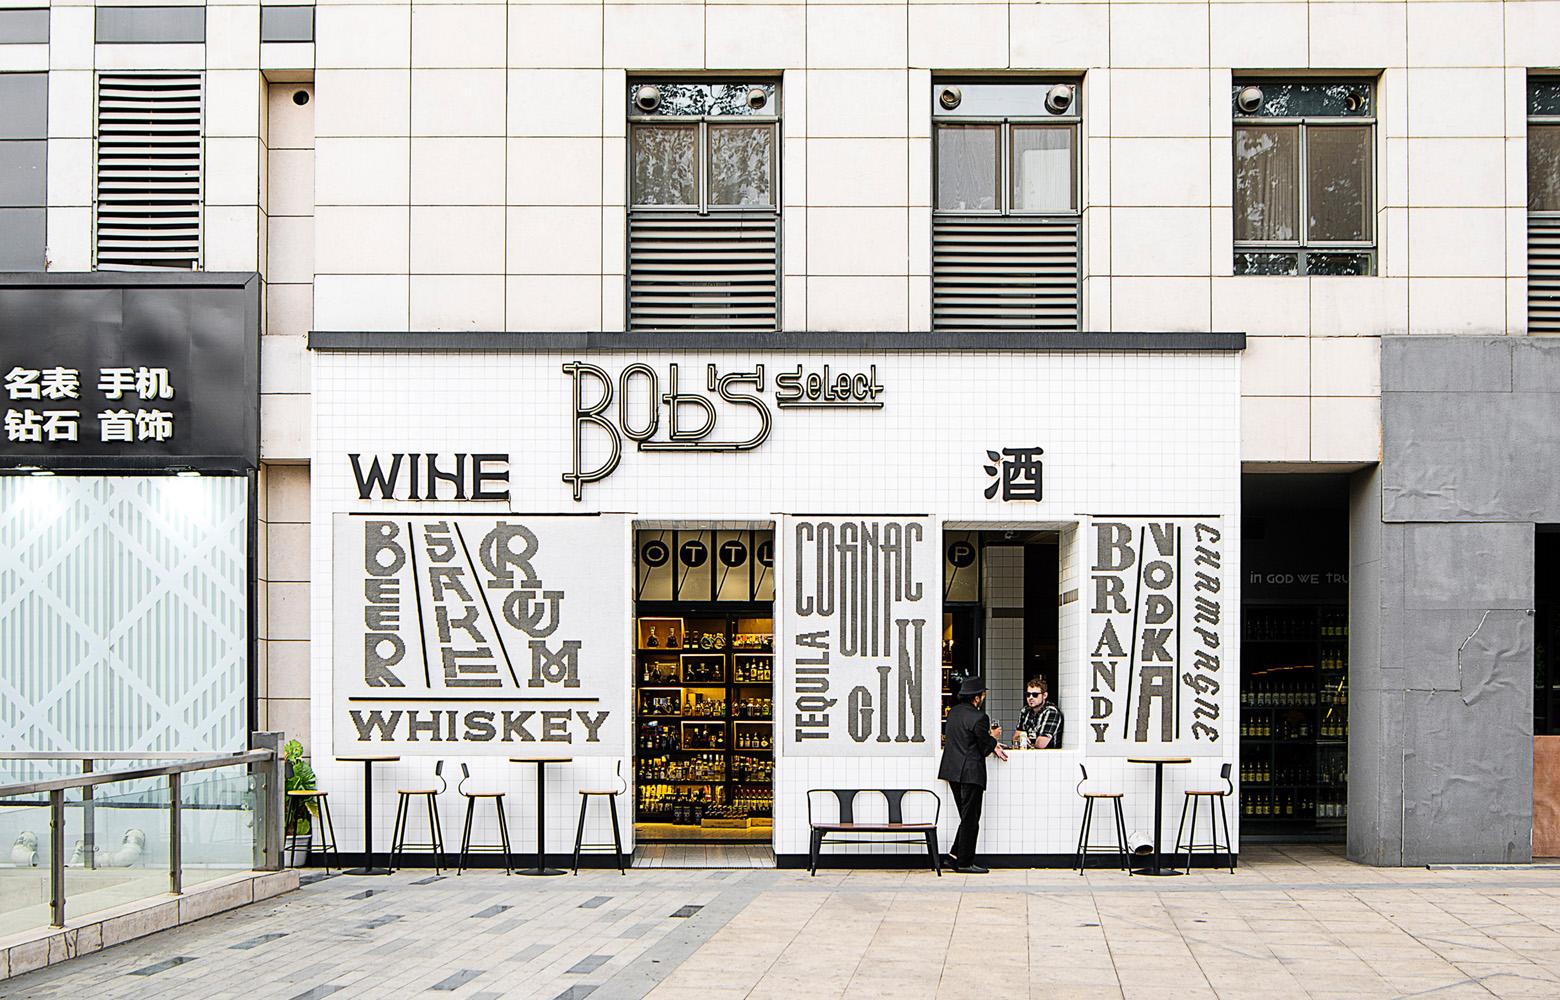 店舗だけでなく街にも賑わいをもたらす酒屋のアートな看板デザイン